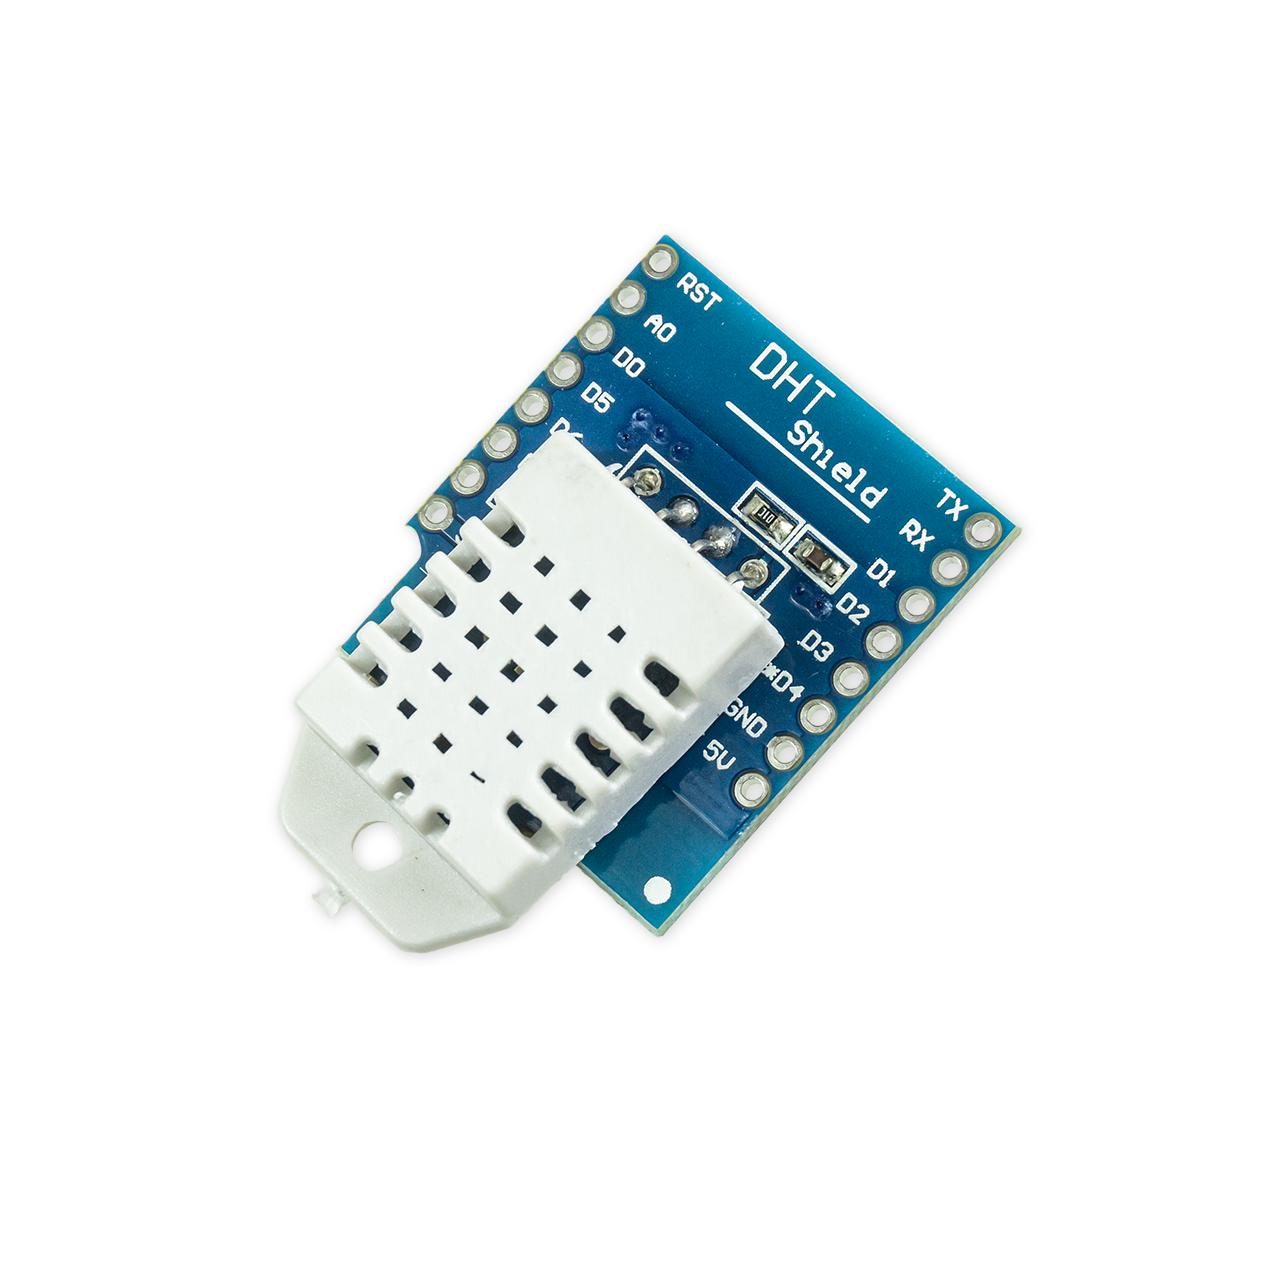 DHT22 Shield für D1 Mini - Luftfeuchtigkeit und Temperatur - Sensor